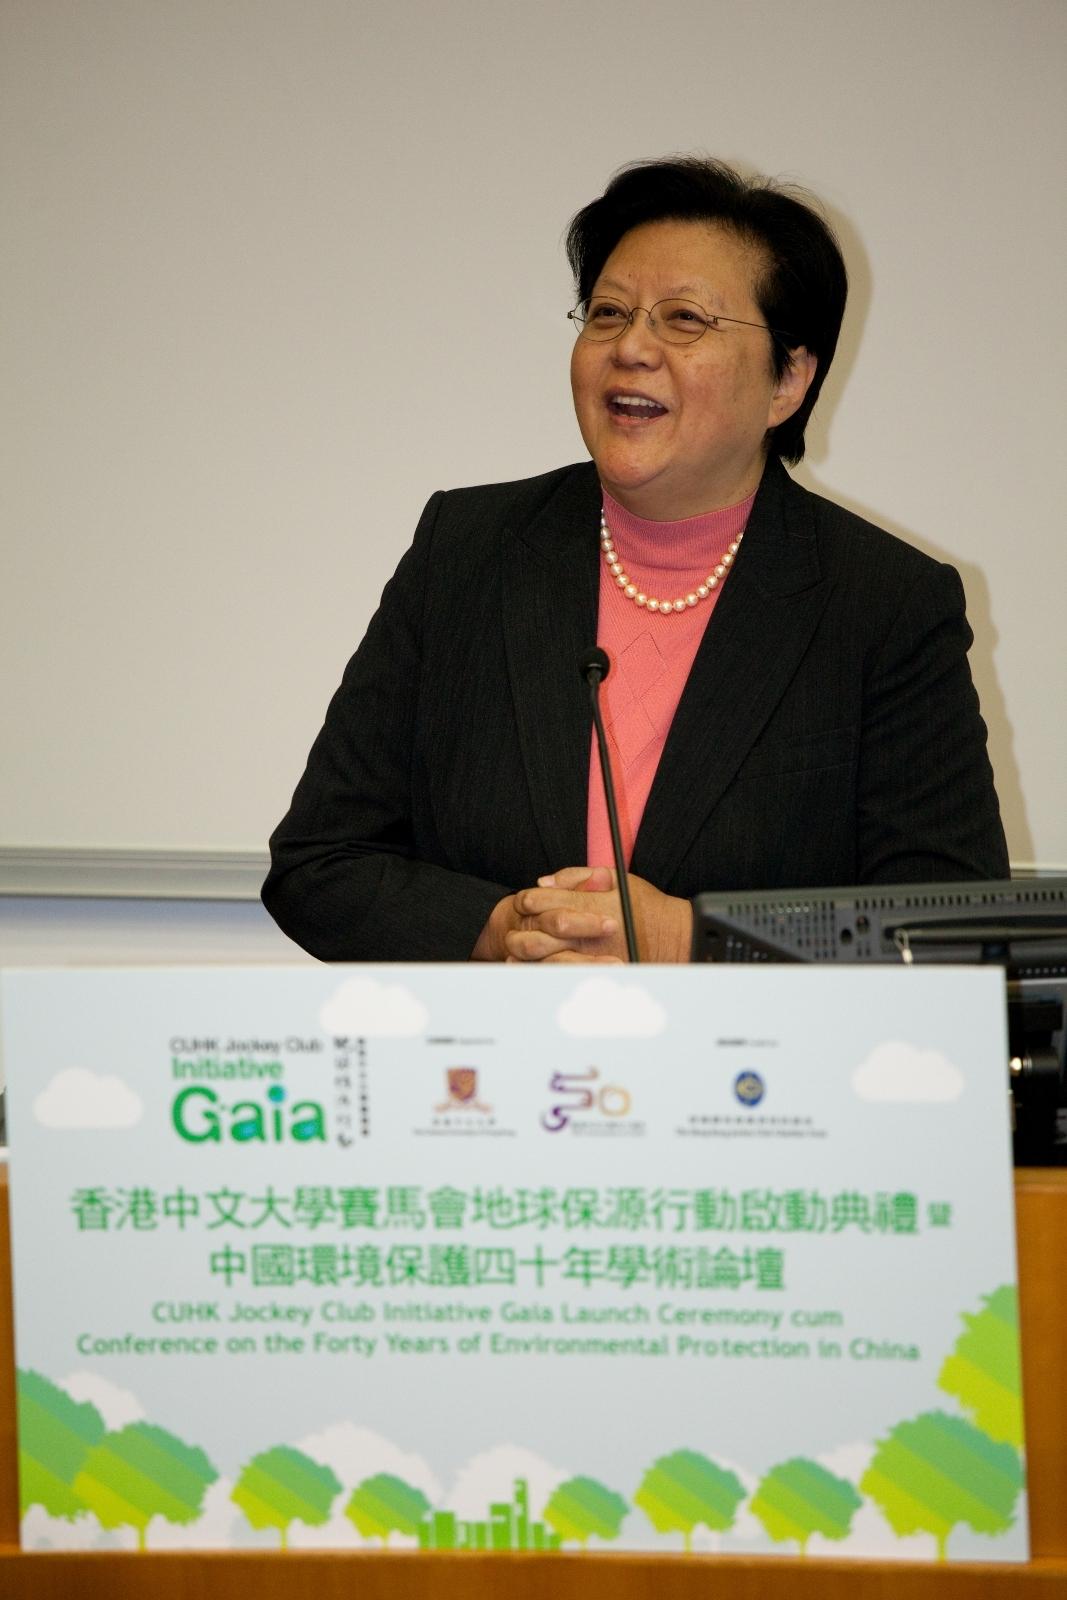 香港赛马会董事范徐丽泰博士致辞